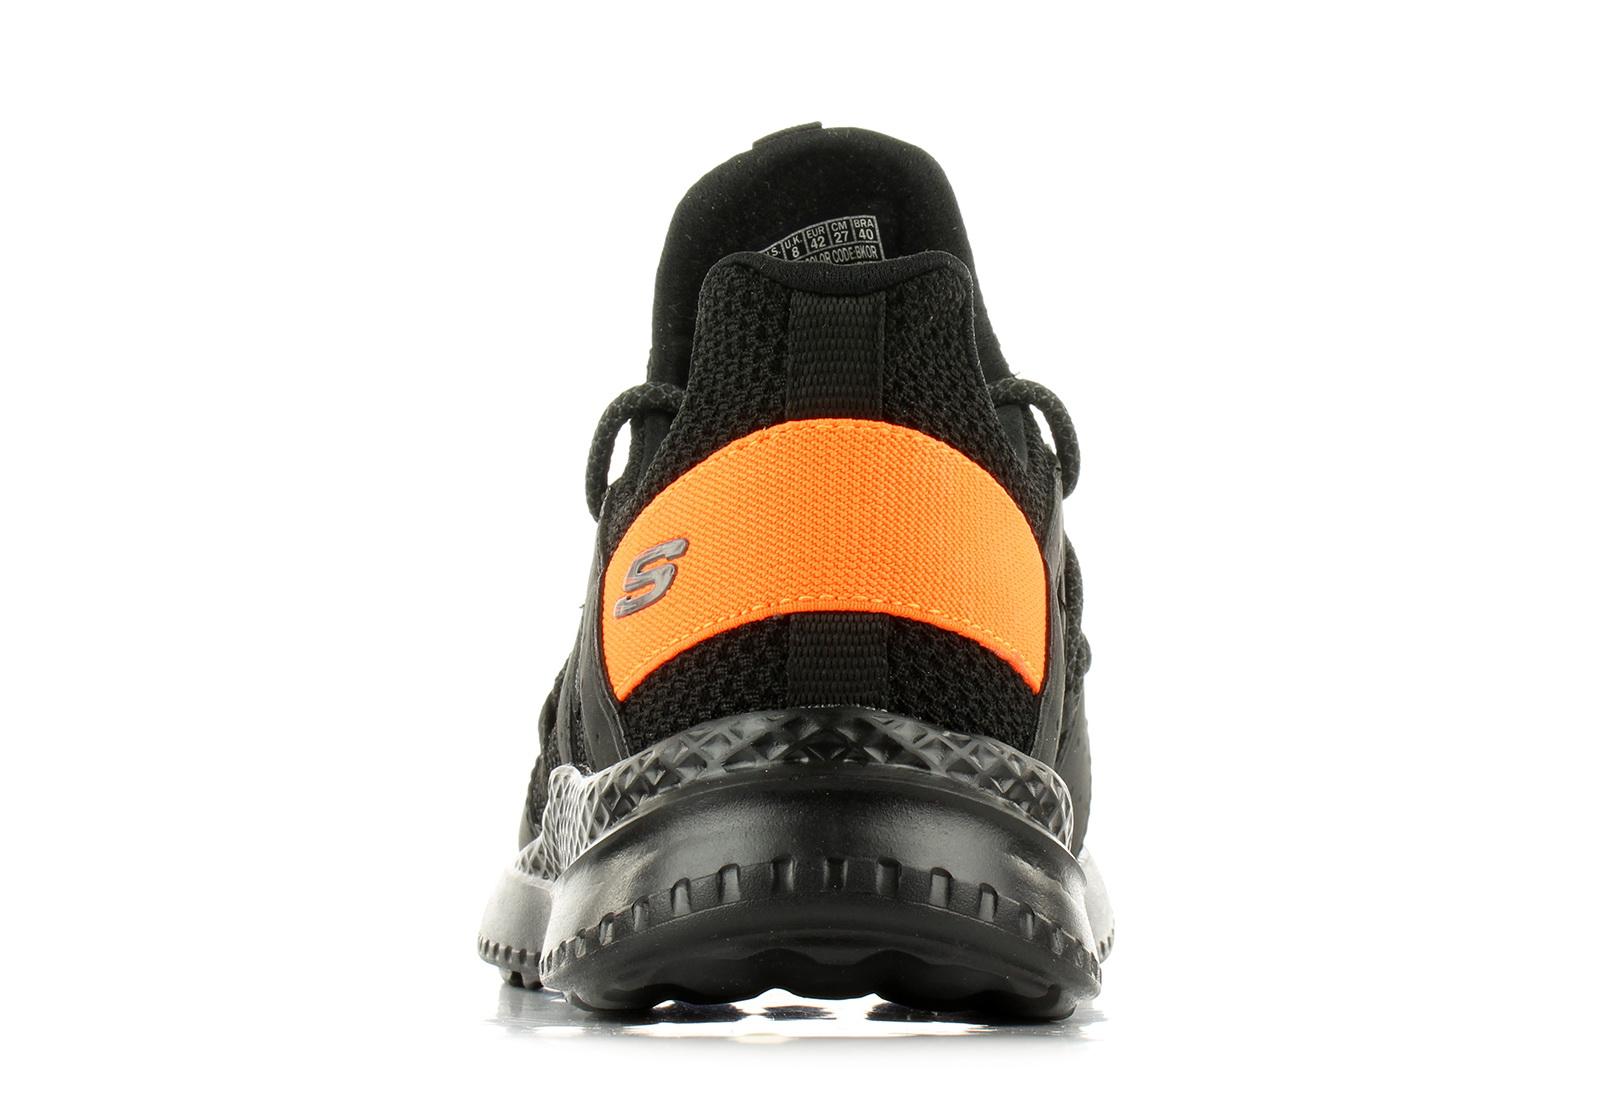 Skechers Shoes Matera 51865 Bkor Online Shop For